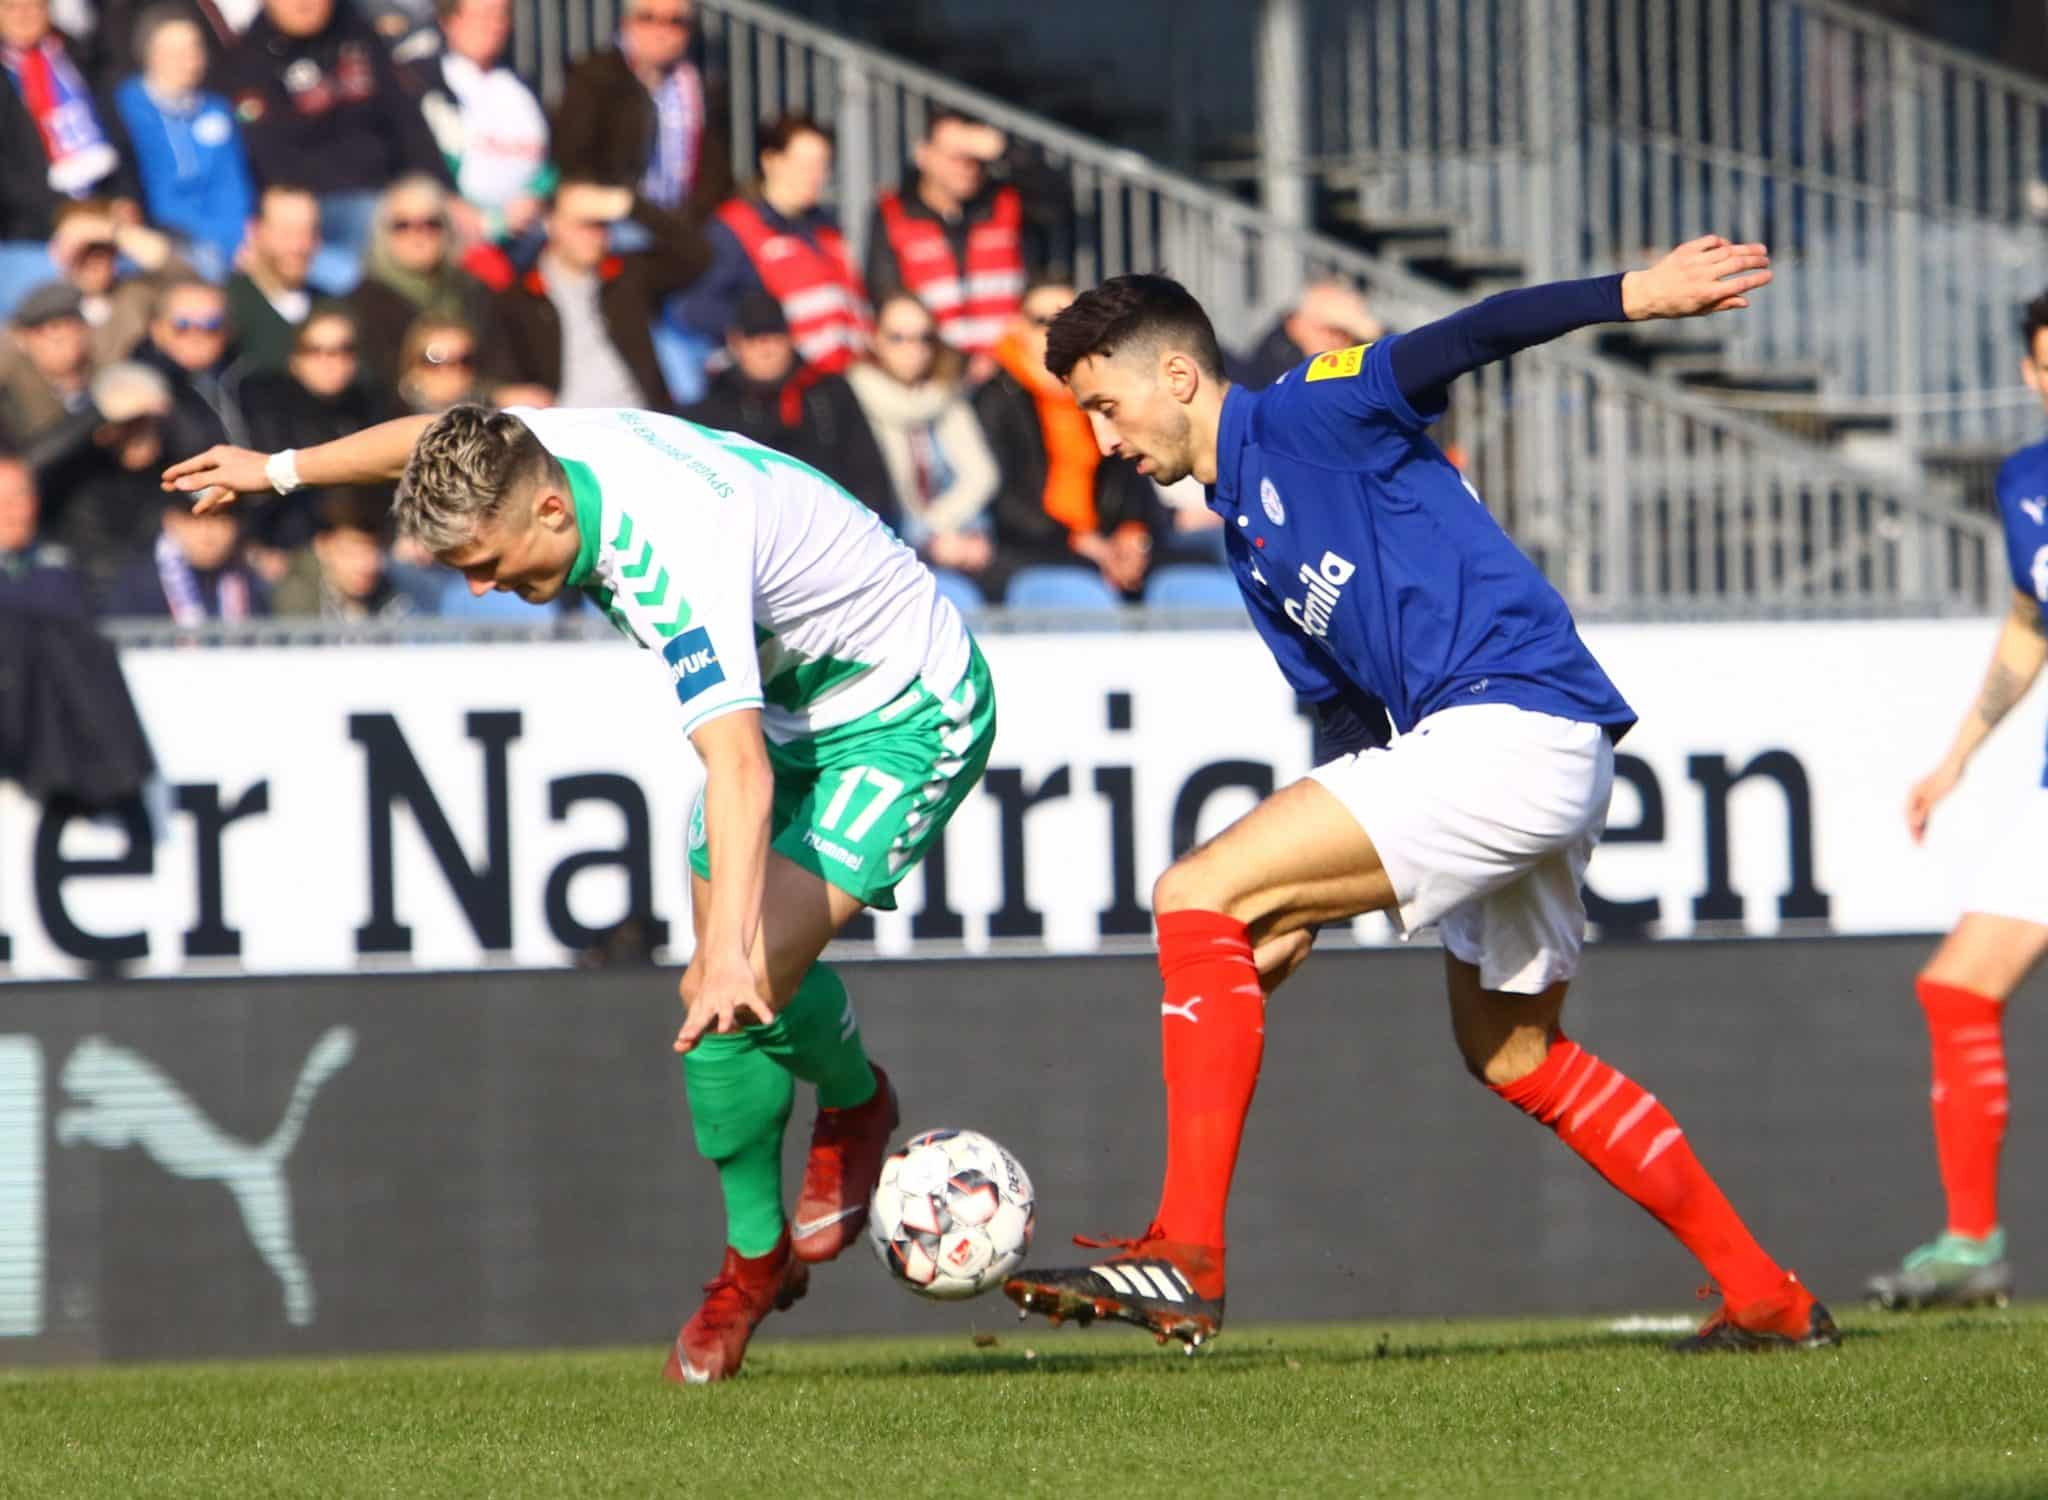 Holstein Kiel Spvgg Greuther Furth Kieler Sportvereinigung Holstein Von 1900 E V